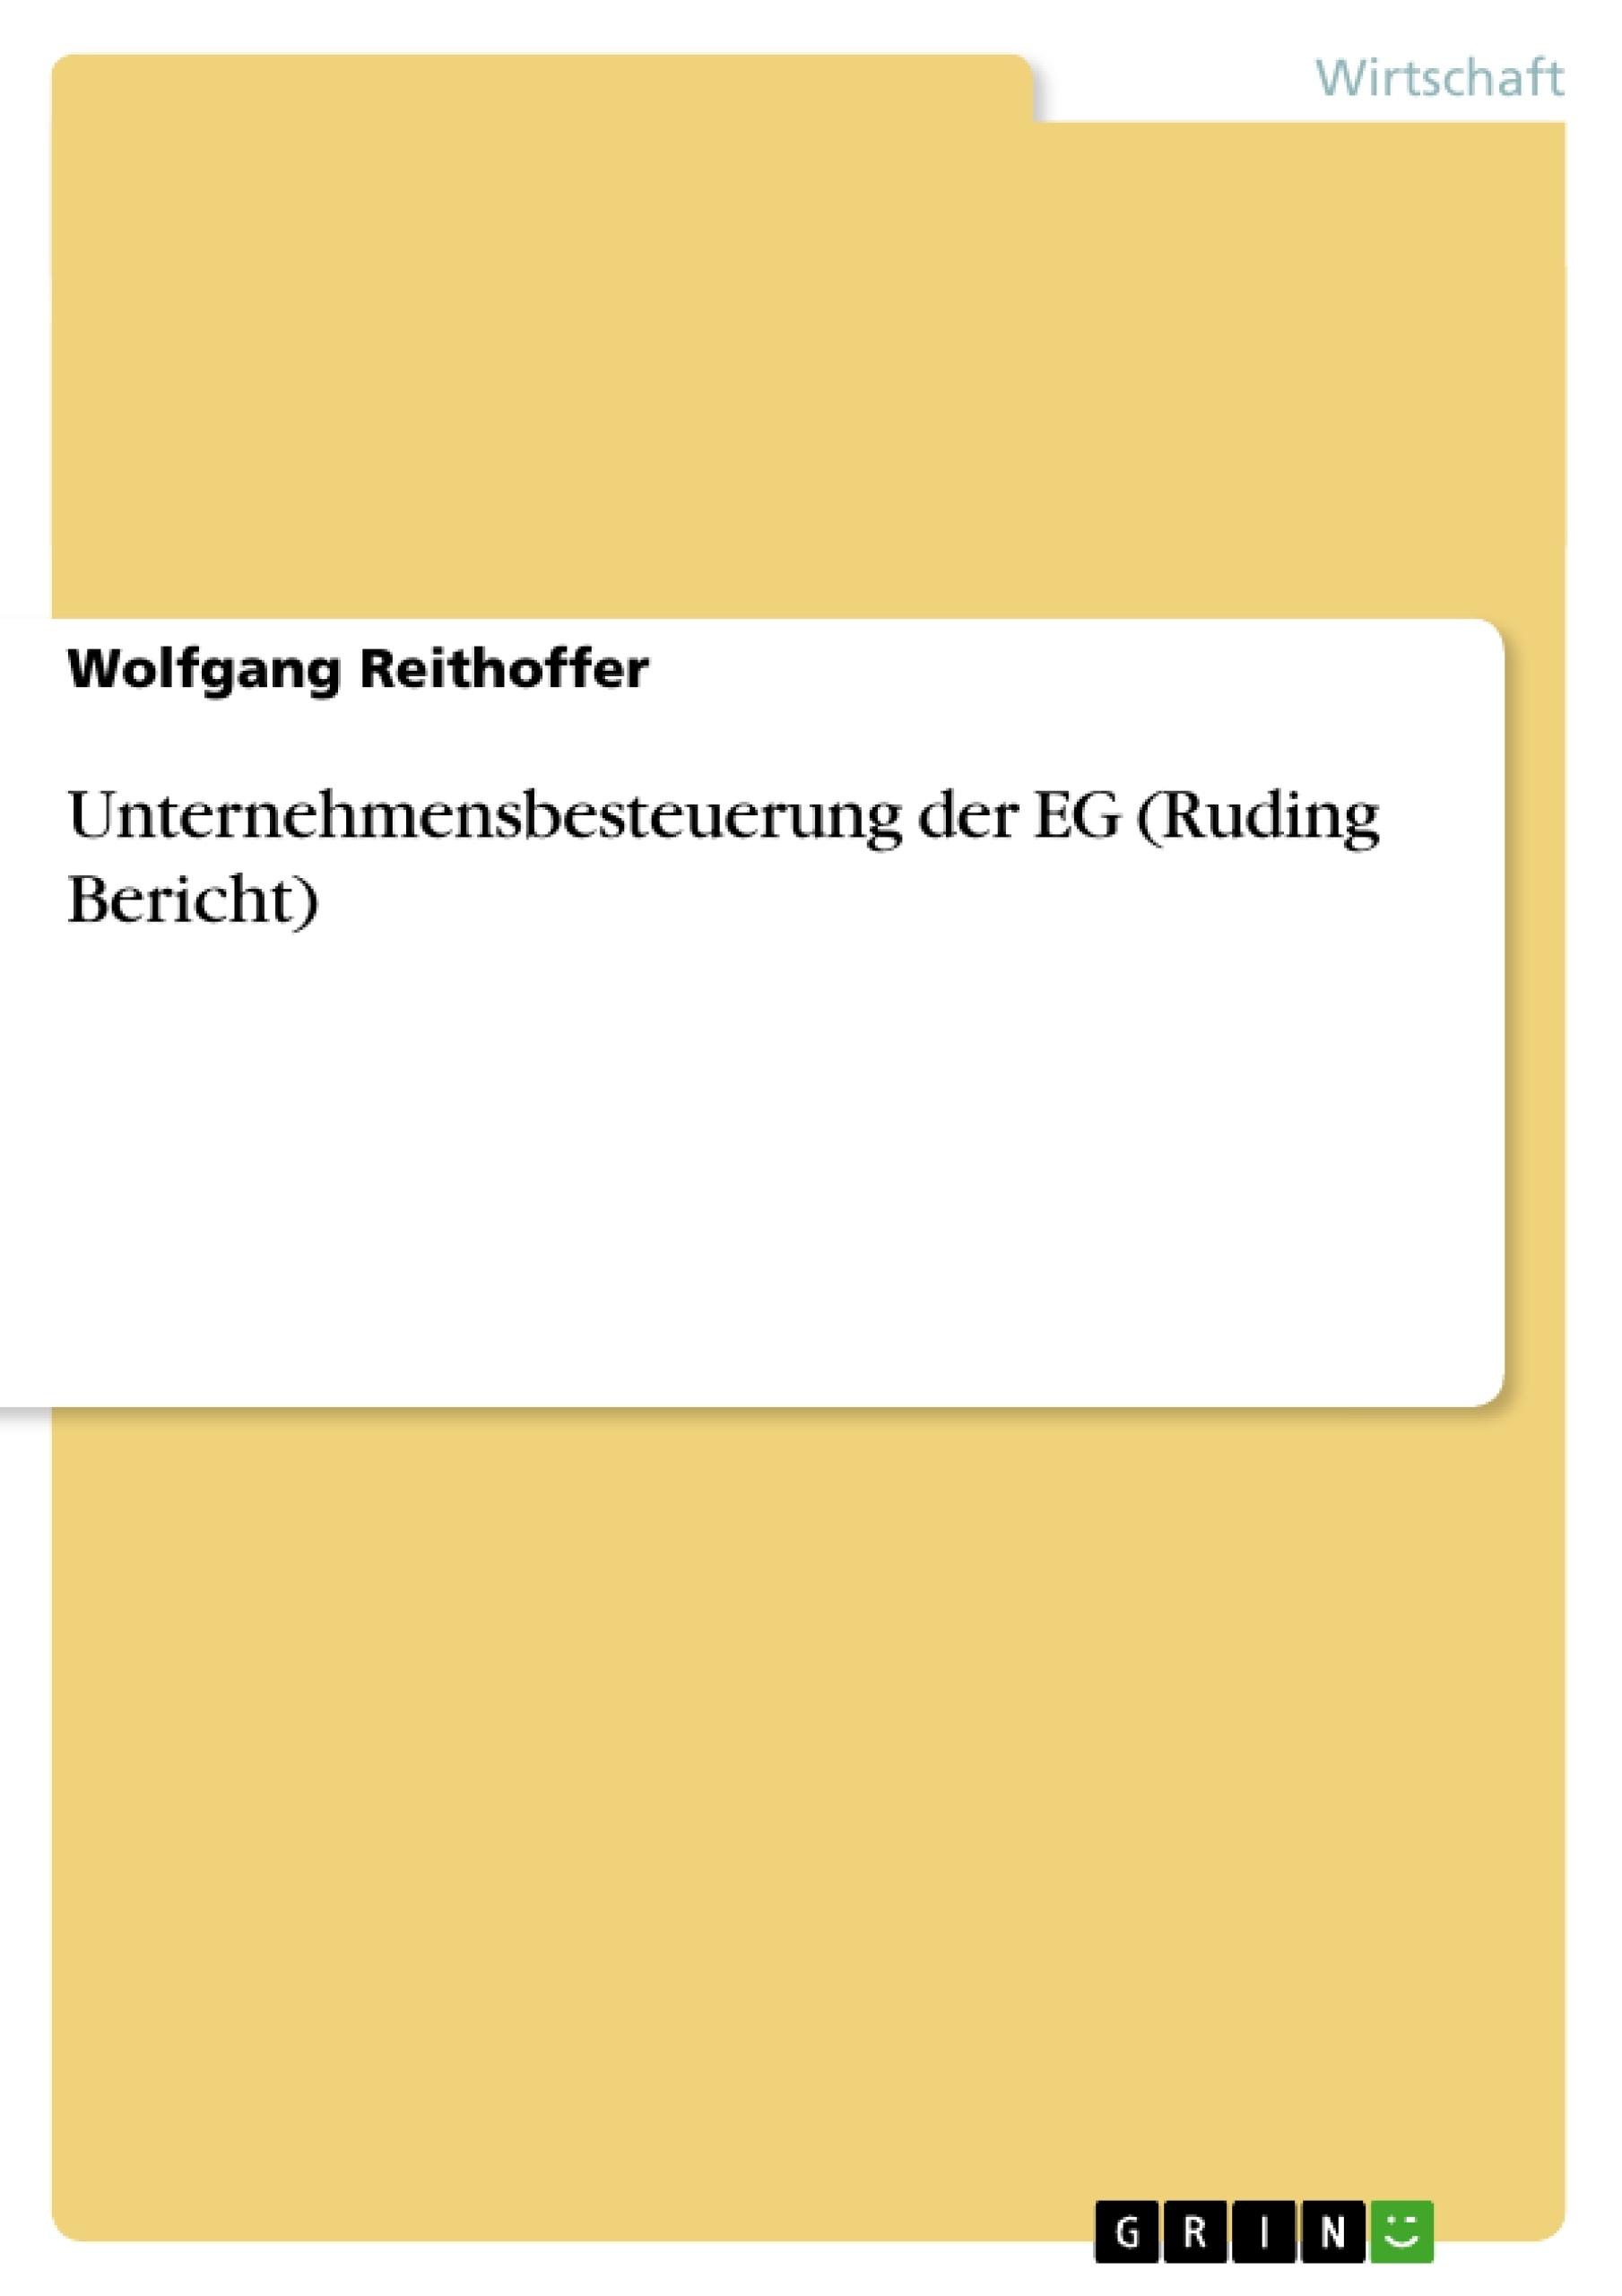 Titel: Unternehmensbesteuerung der EG (Ruding Bericht)